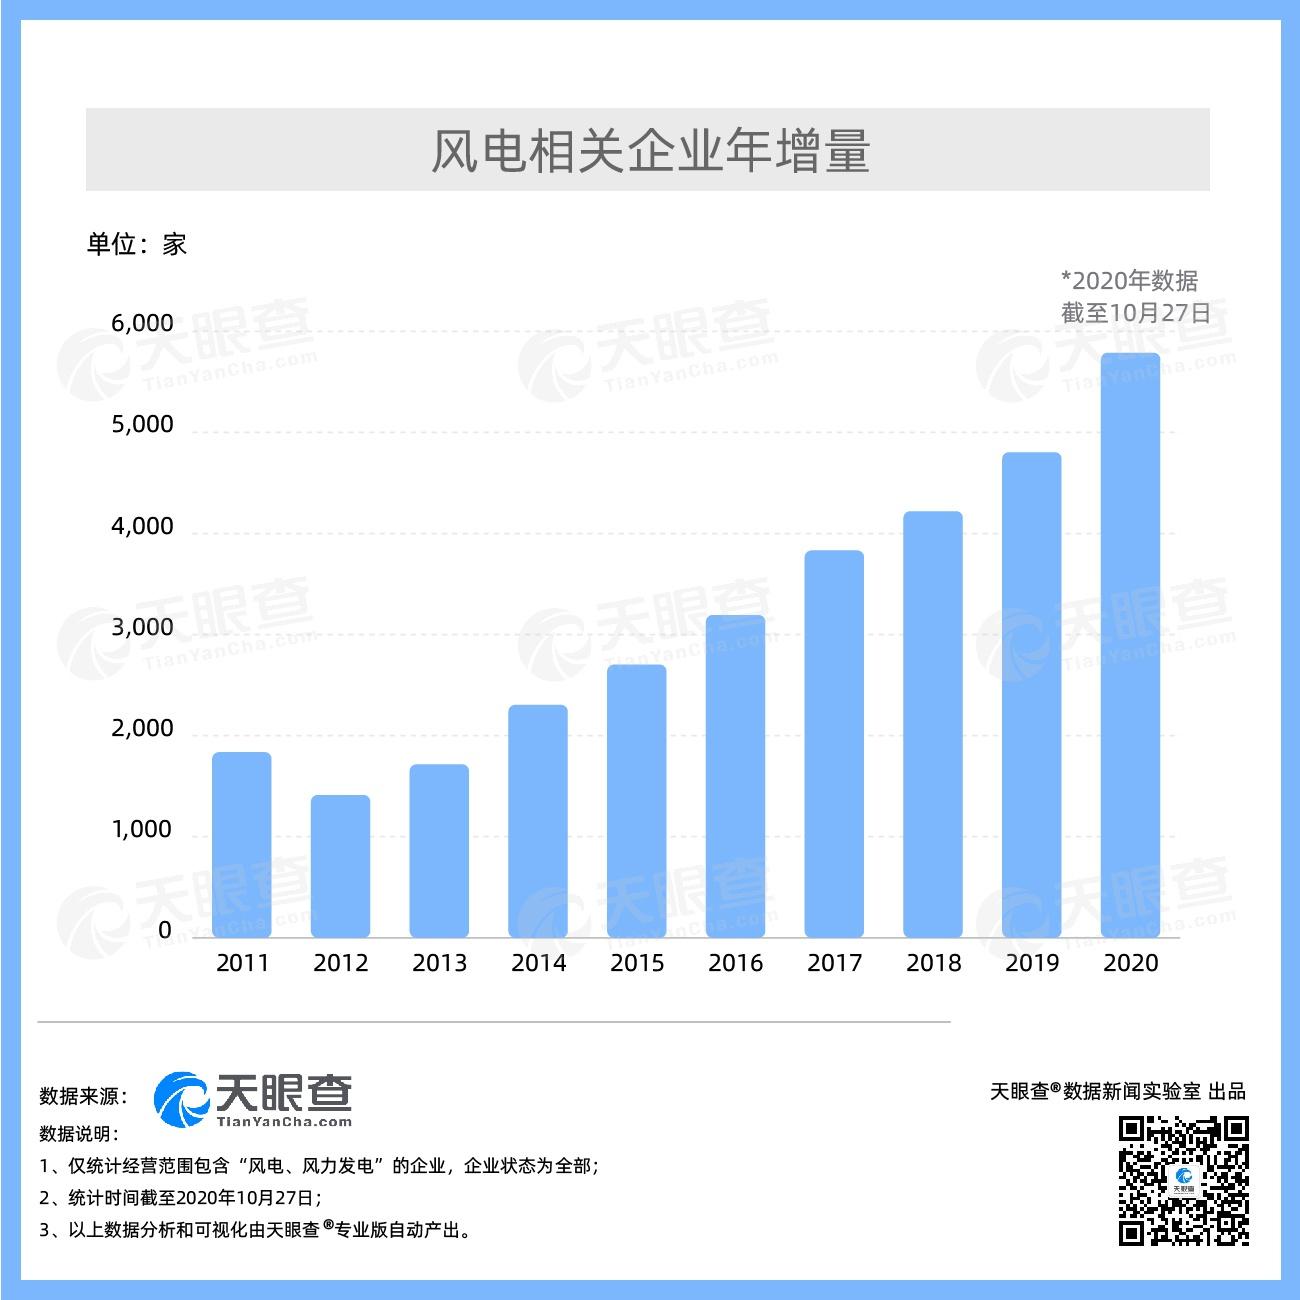 """风电发展或将进入""""倍速""""阶段 我国今年已经新增近5,800家风电相关企业"""